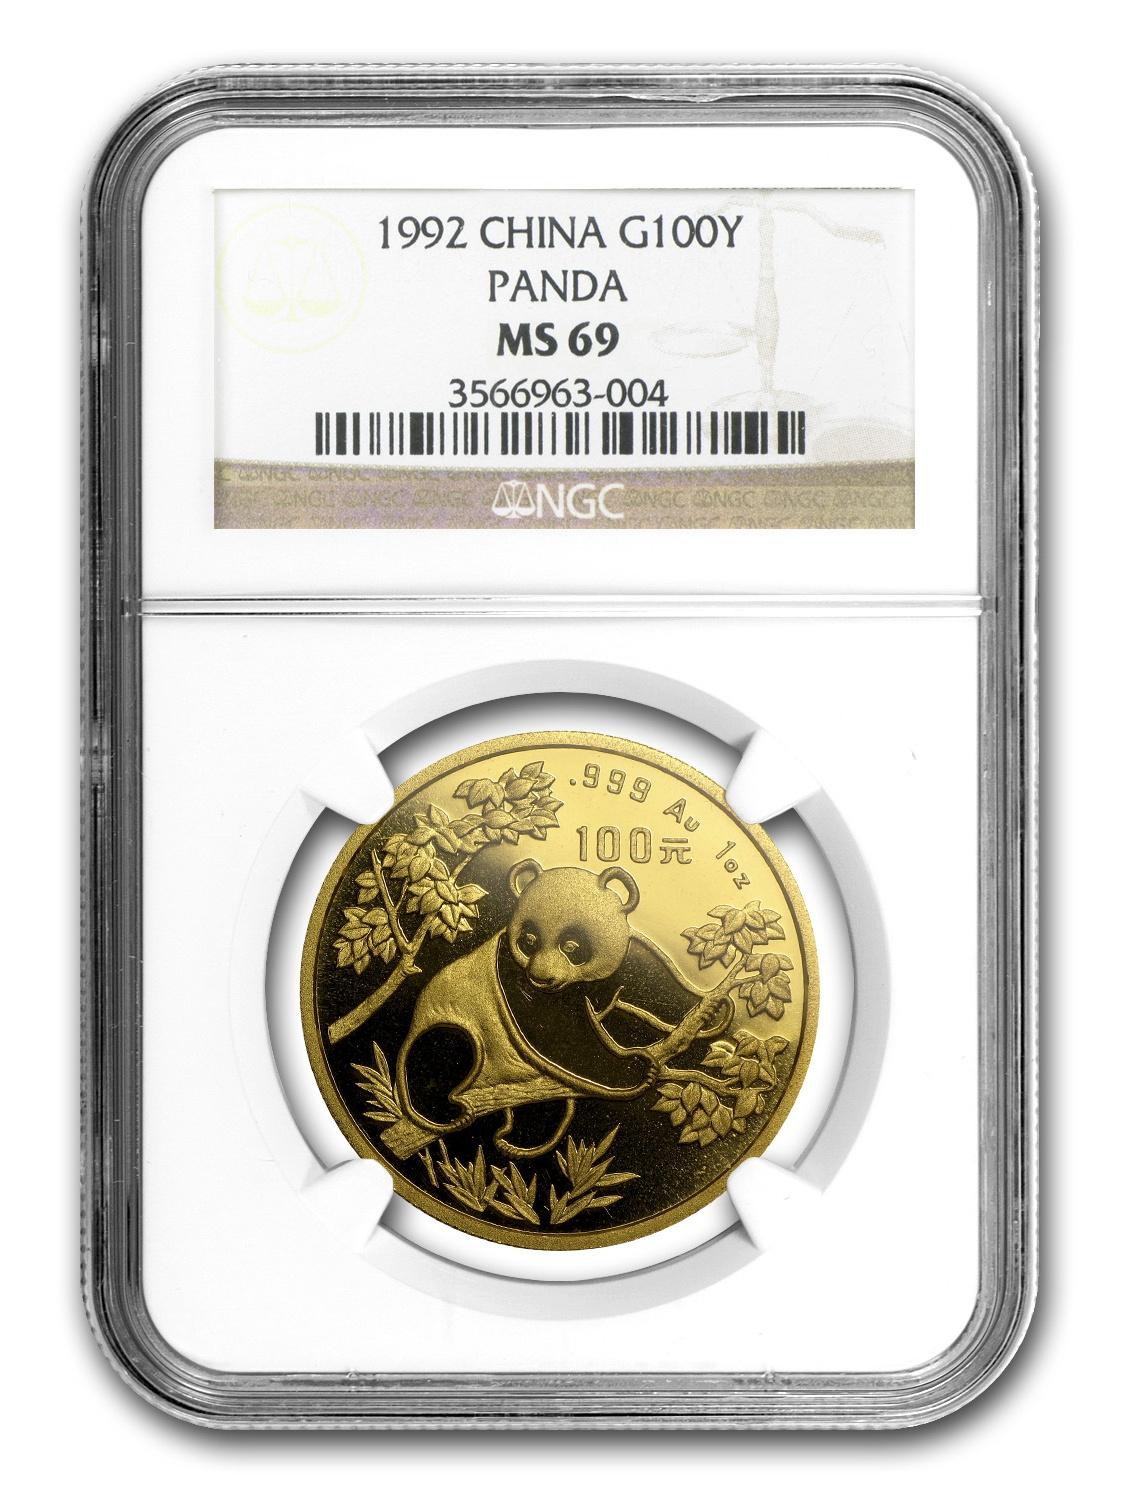 1992 China 1 oz Gold Panda Small Date MS-69 NGC